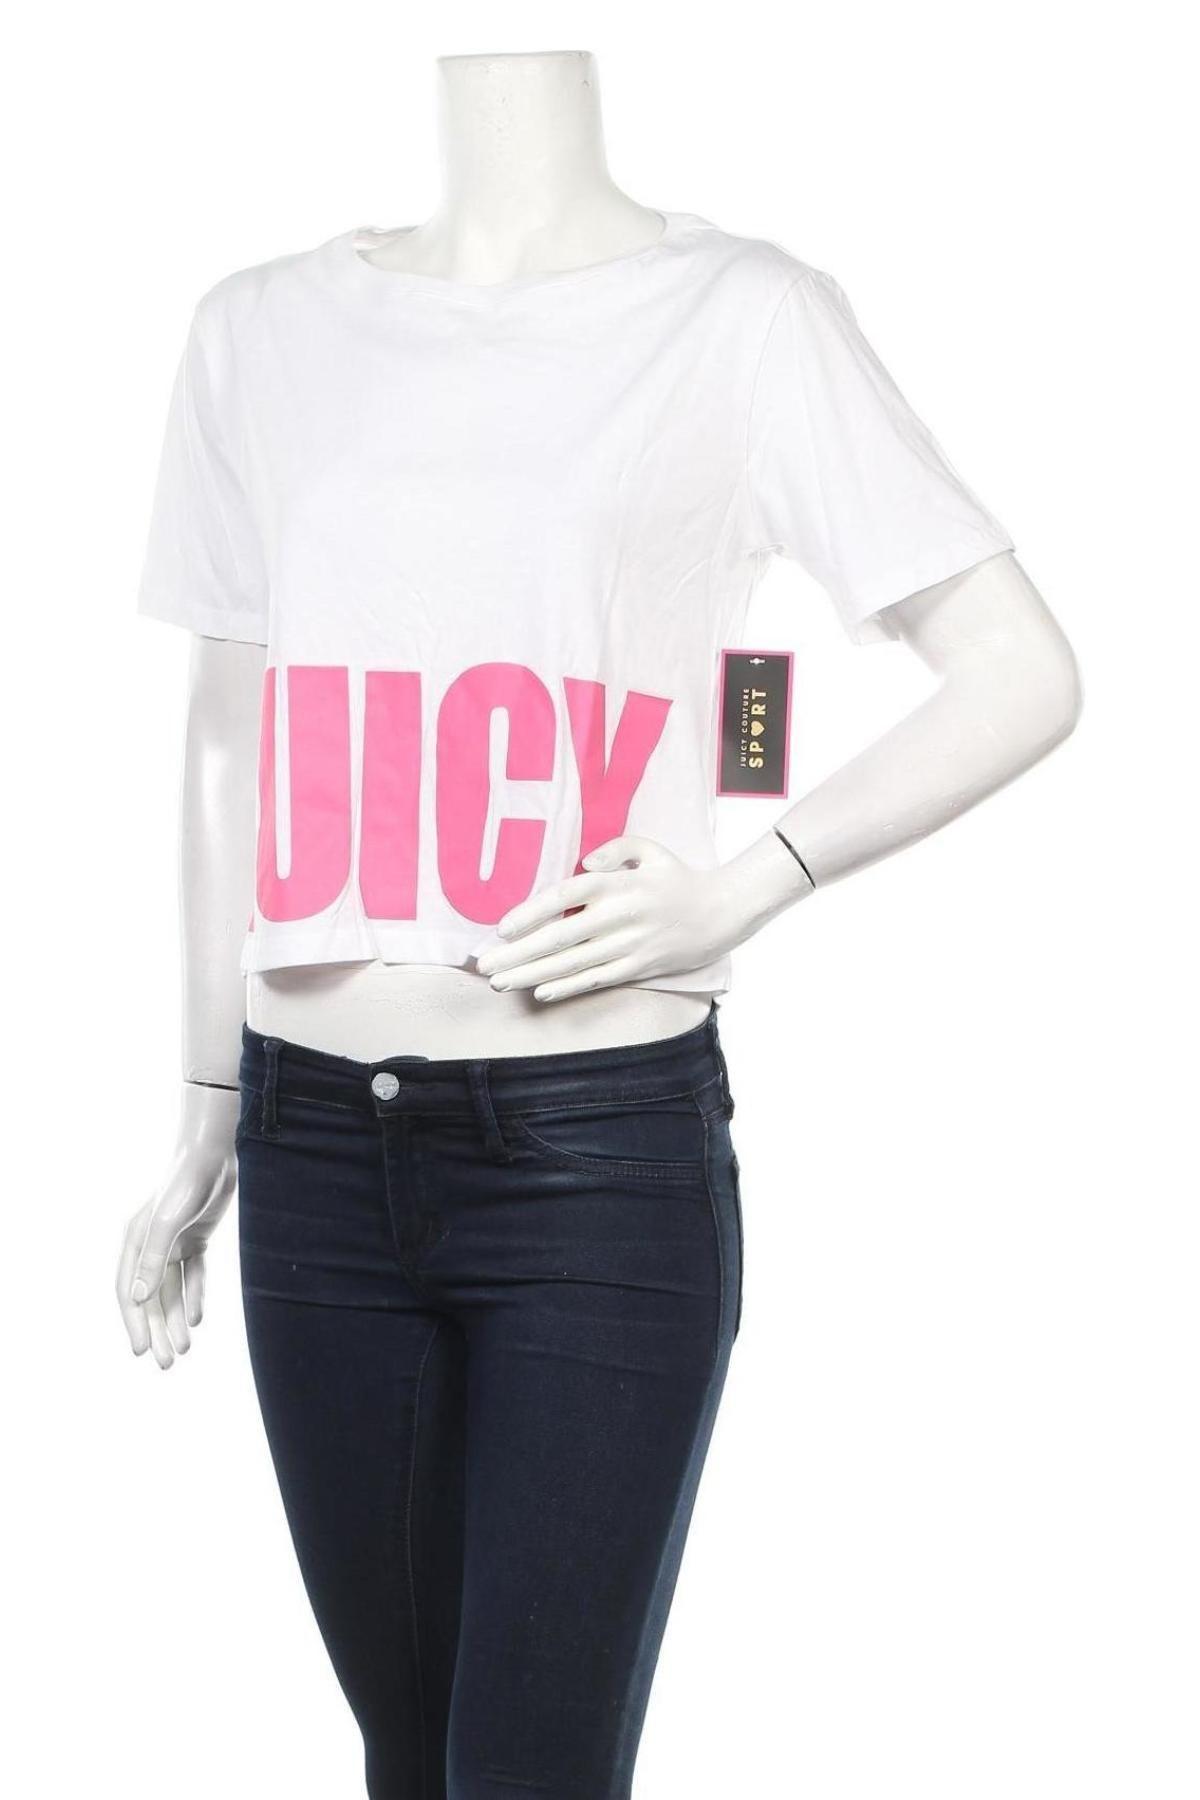 Дамска тениска Juicy Couture, Размер M, Цвят Бял, 100% памук, Цена 34,10лв.